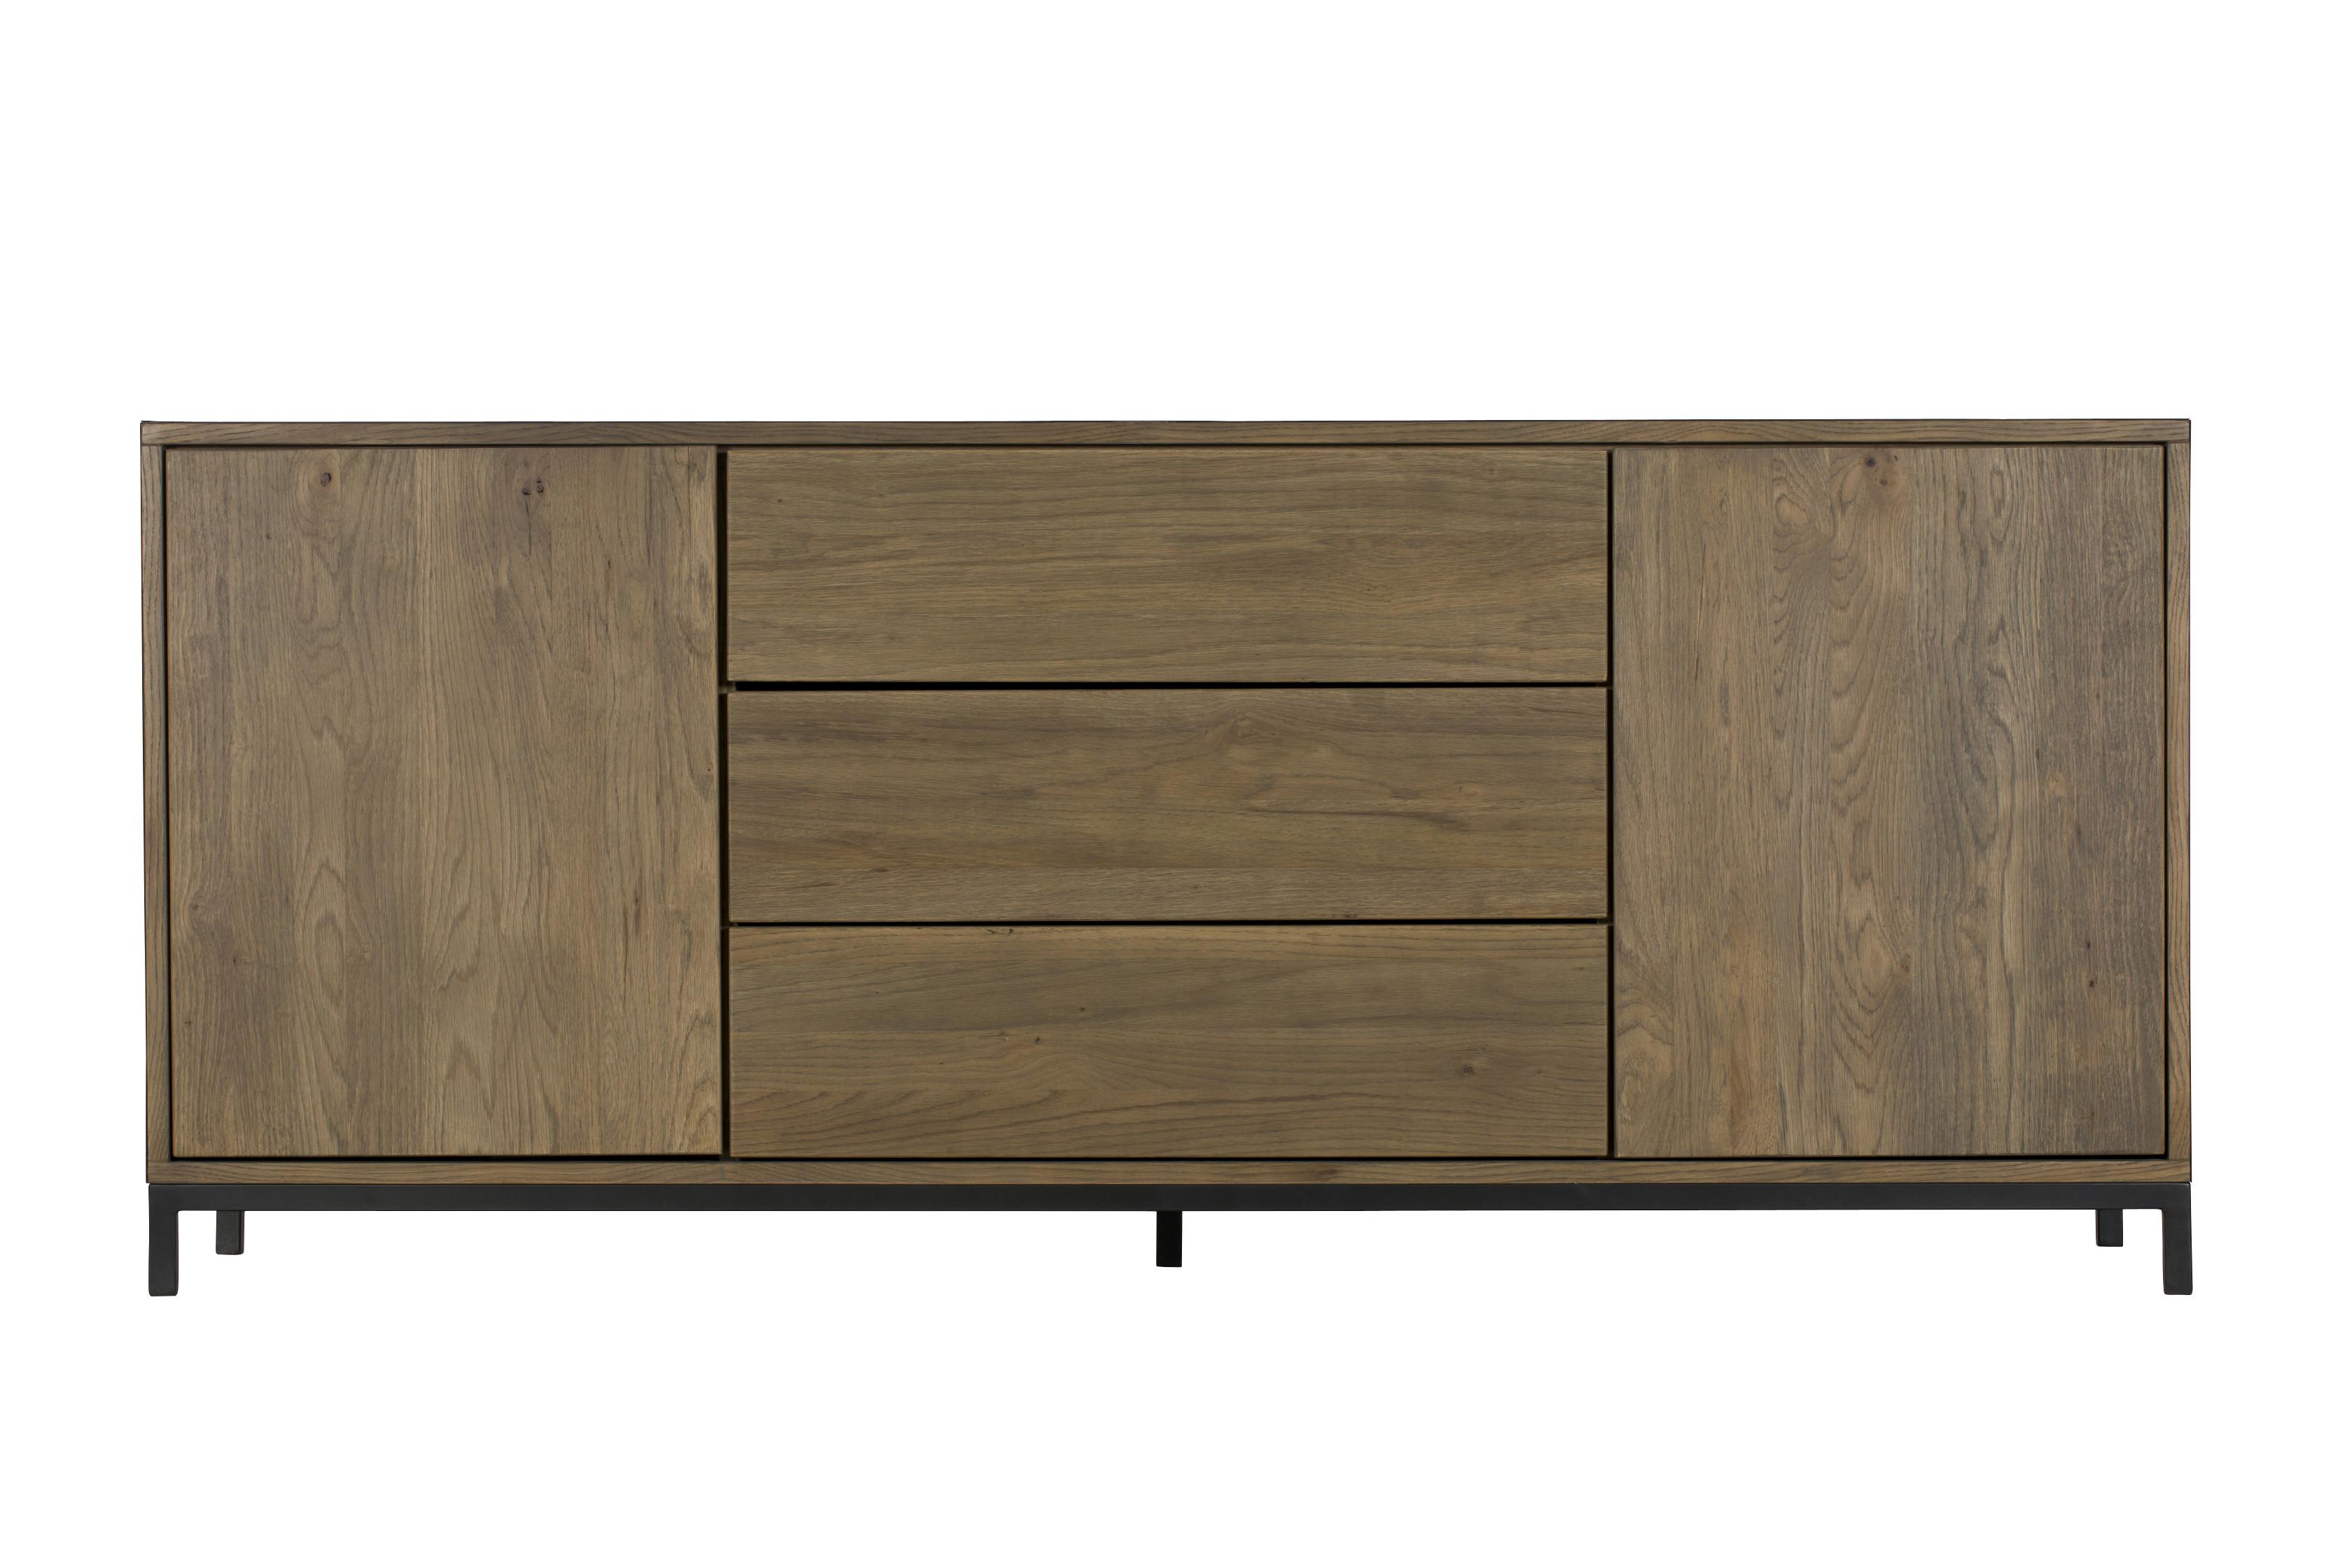 Lahinch Wide Sideboard